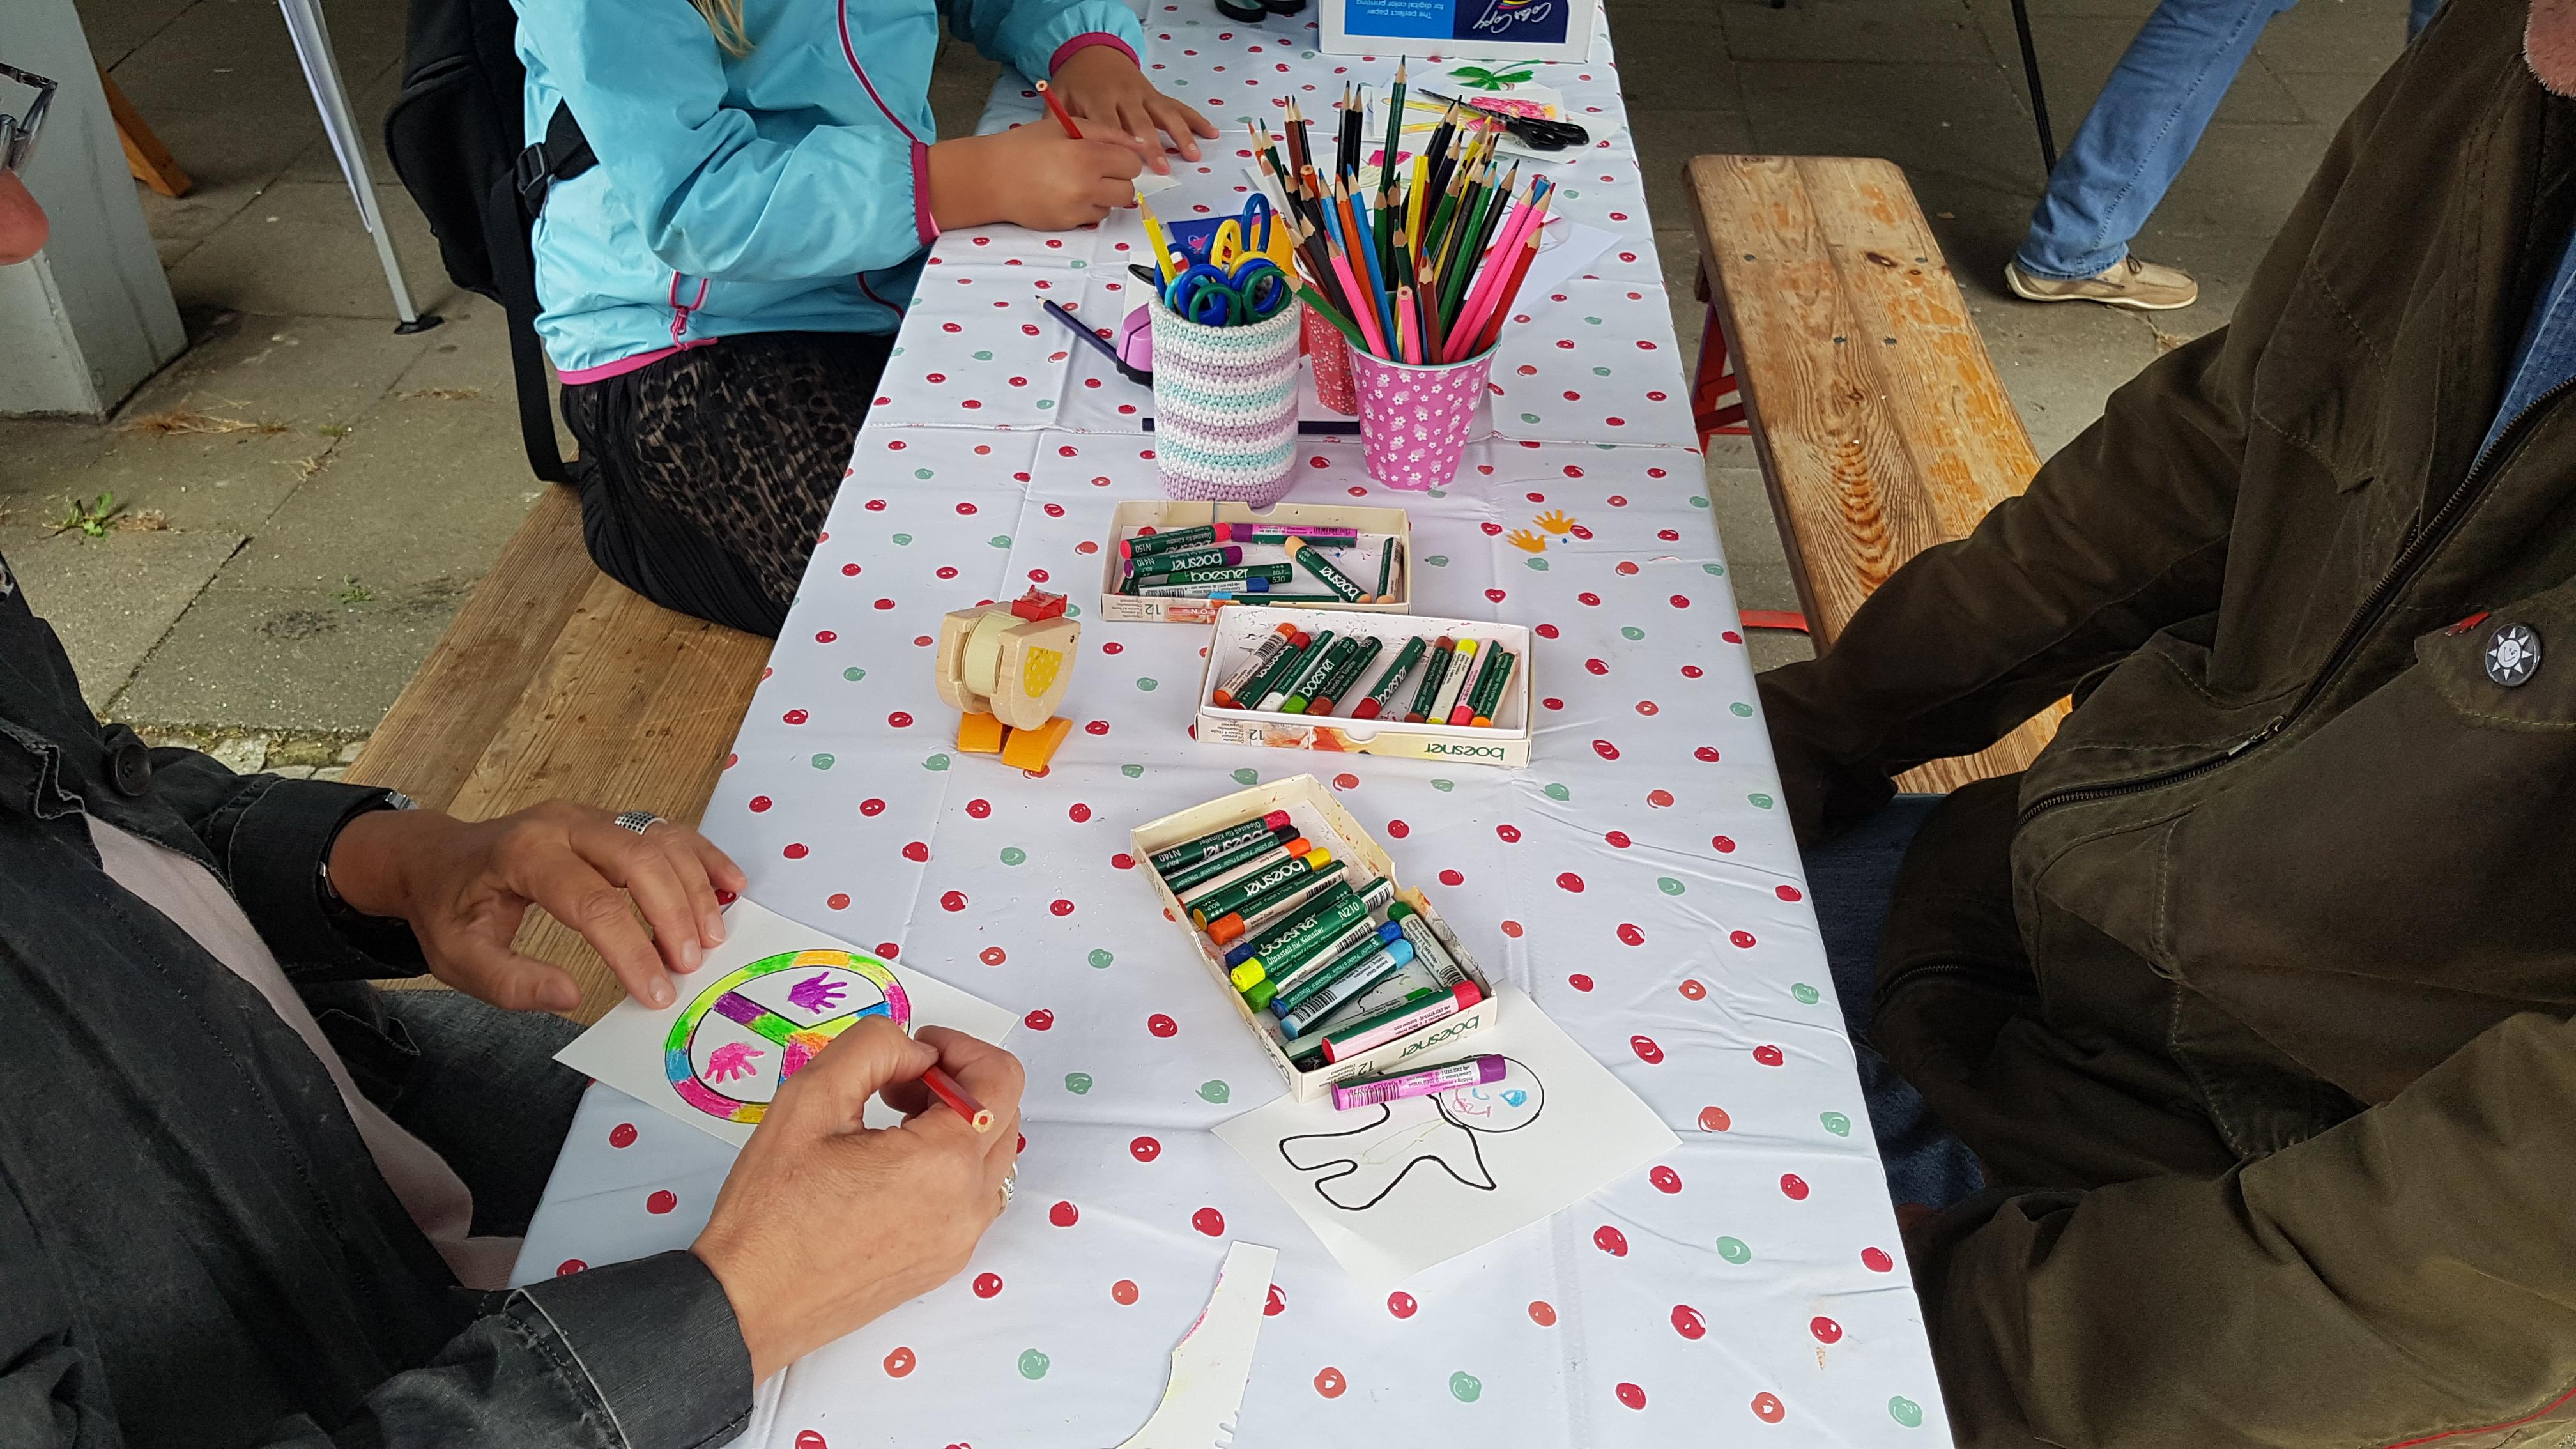 Demokratie-Kunstaktion mit den KünstlerInnen Frau Block und Frau Haß auf dem Wellingdorfer Stadtteilfest